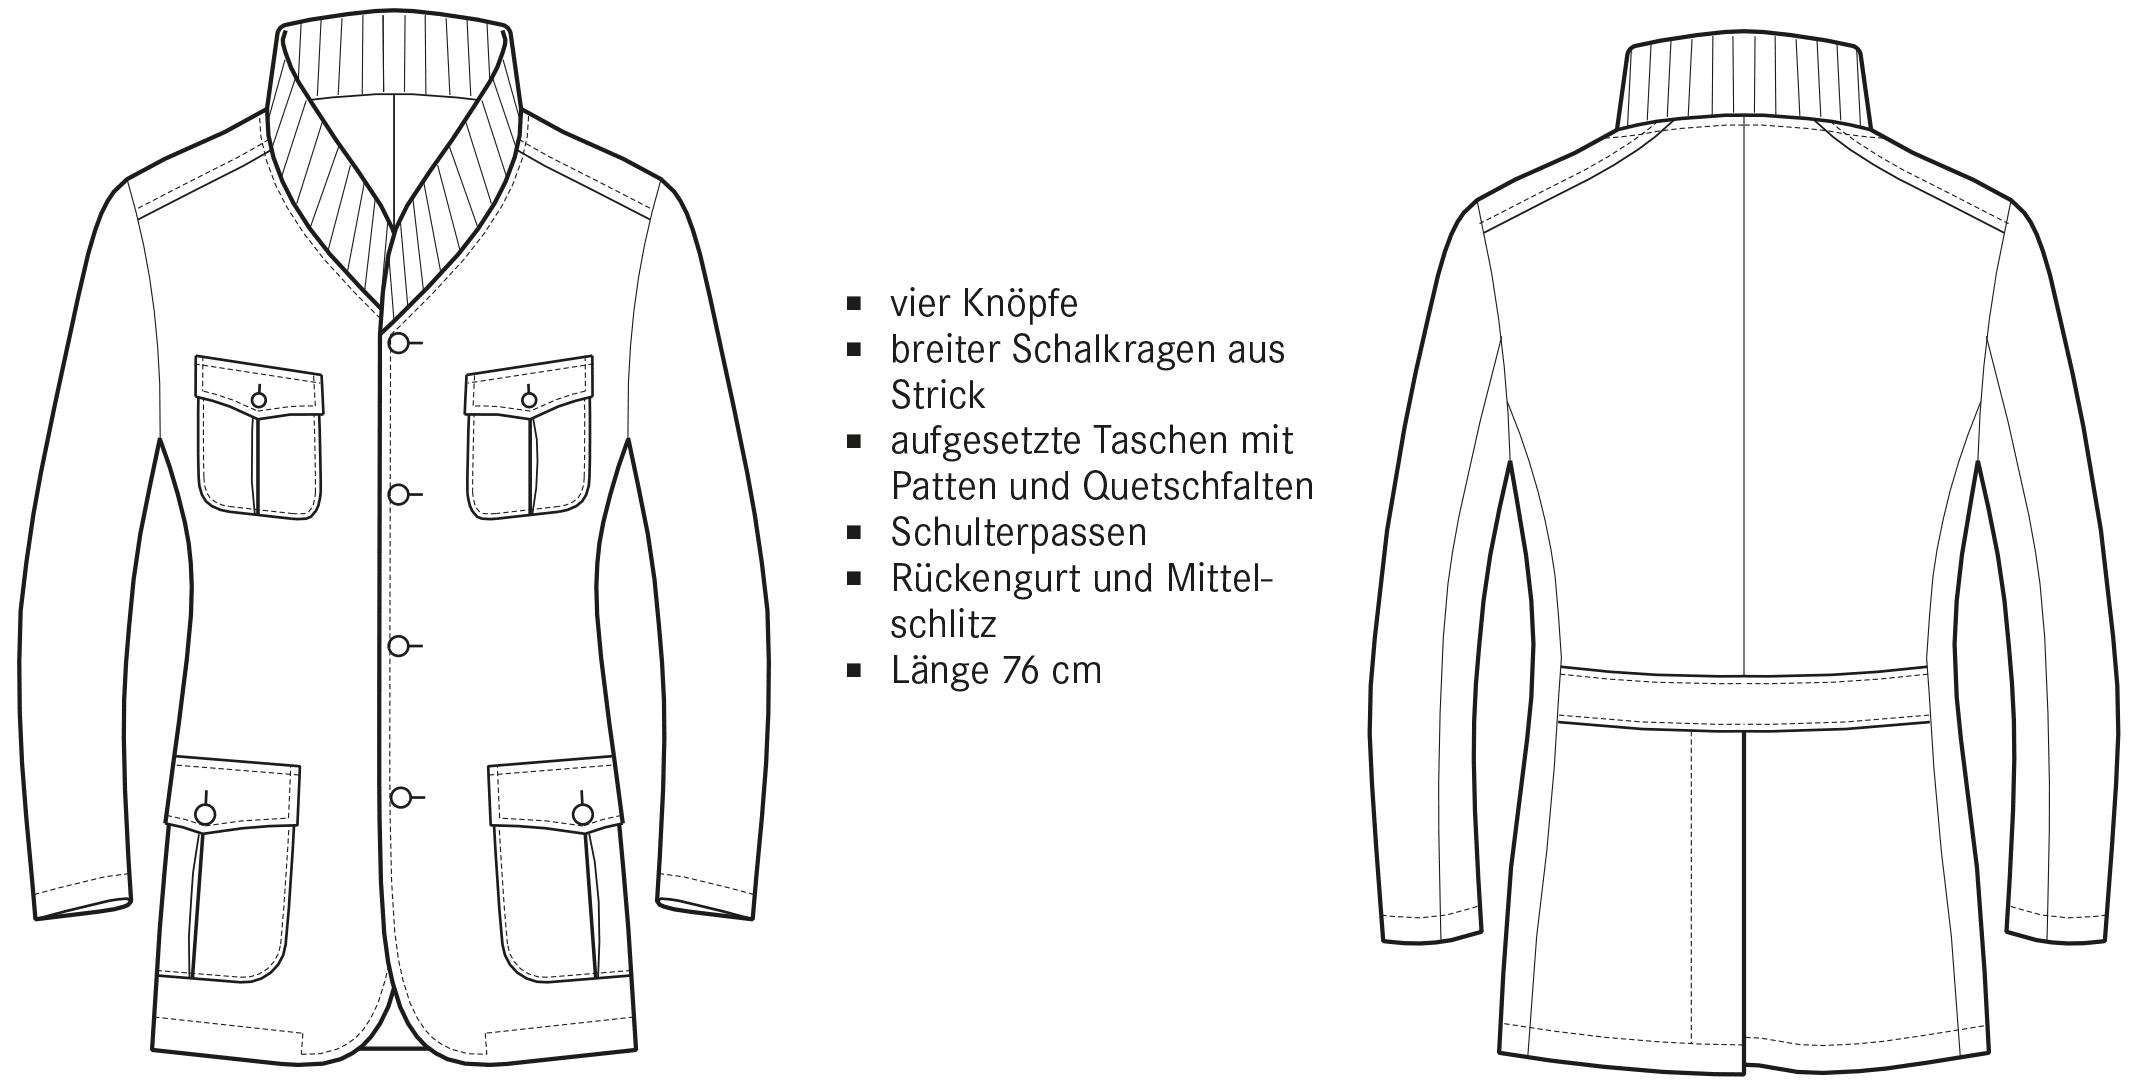 Technische Zeichnung einer Jacke mit Stickkragen Vorder- und Rückansicht.